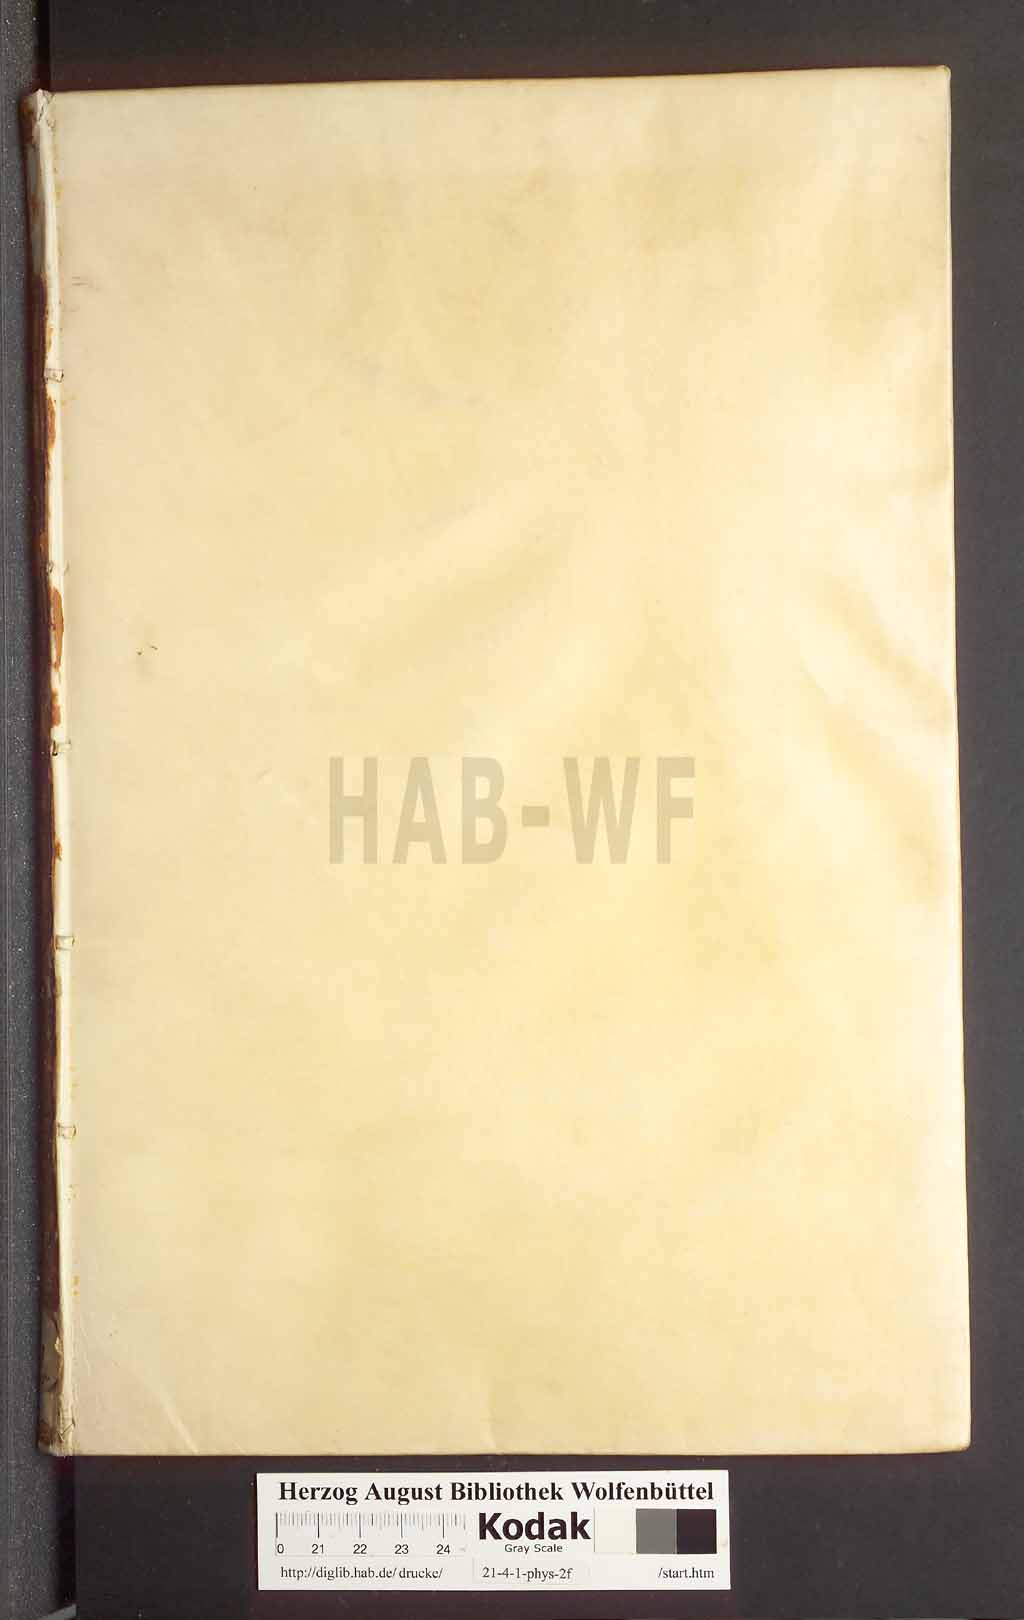 http://diglib.hab.de/drucke/21-4-1-phys-2f/00001.jpg